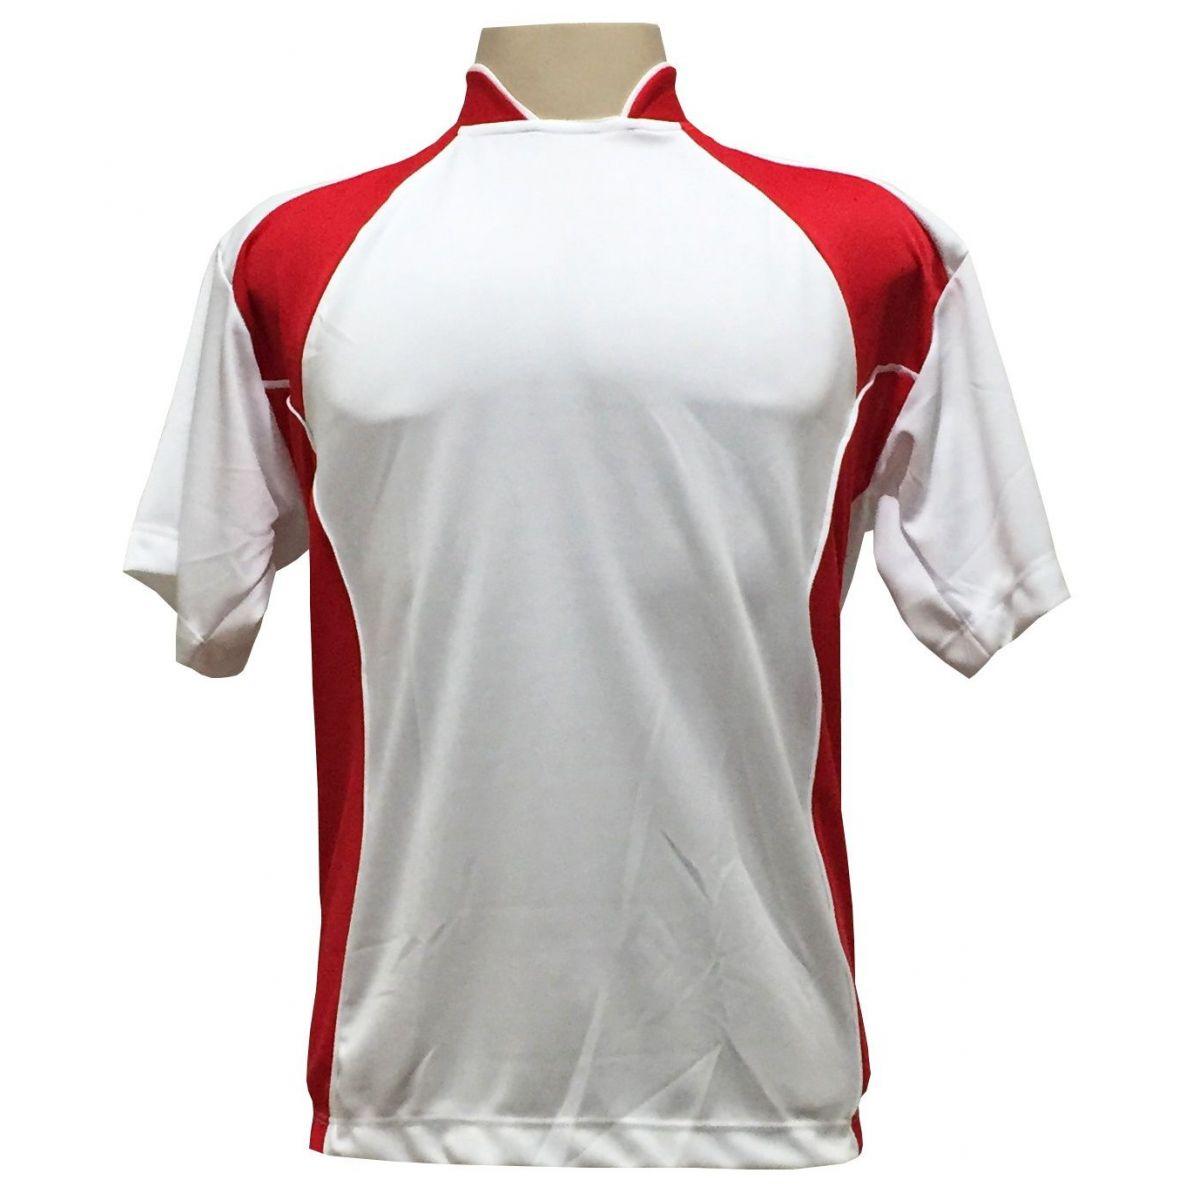 Uniforme Esportivo com 14 camisas modelo Suécia Branco/Vermelho + 14 calções modelo Copa Vermelho/Branco + 14 pares de meiões Vermelho